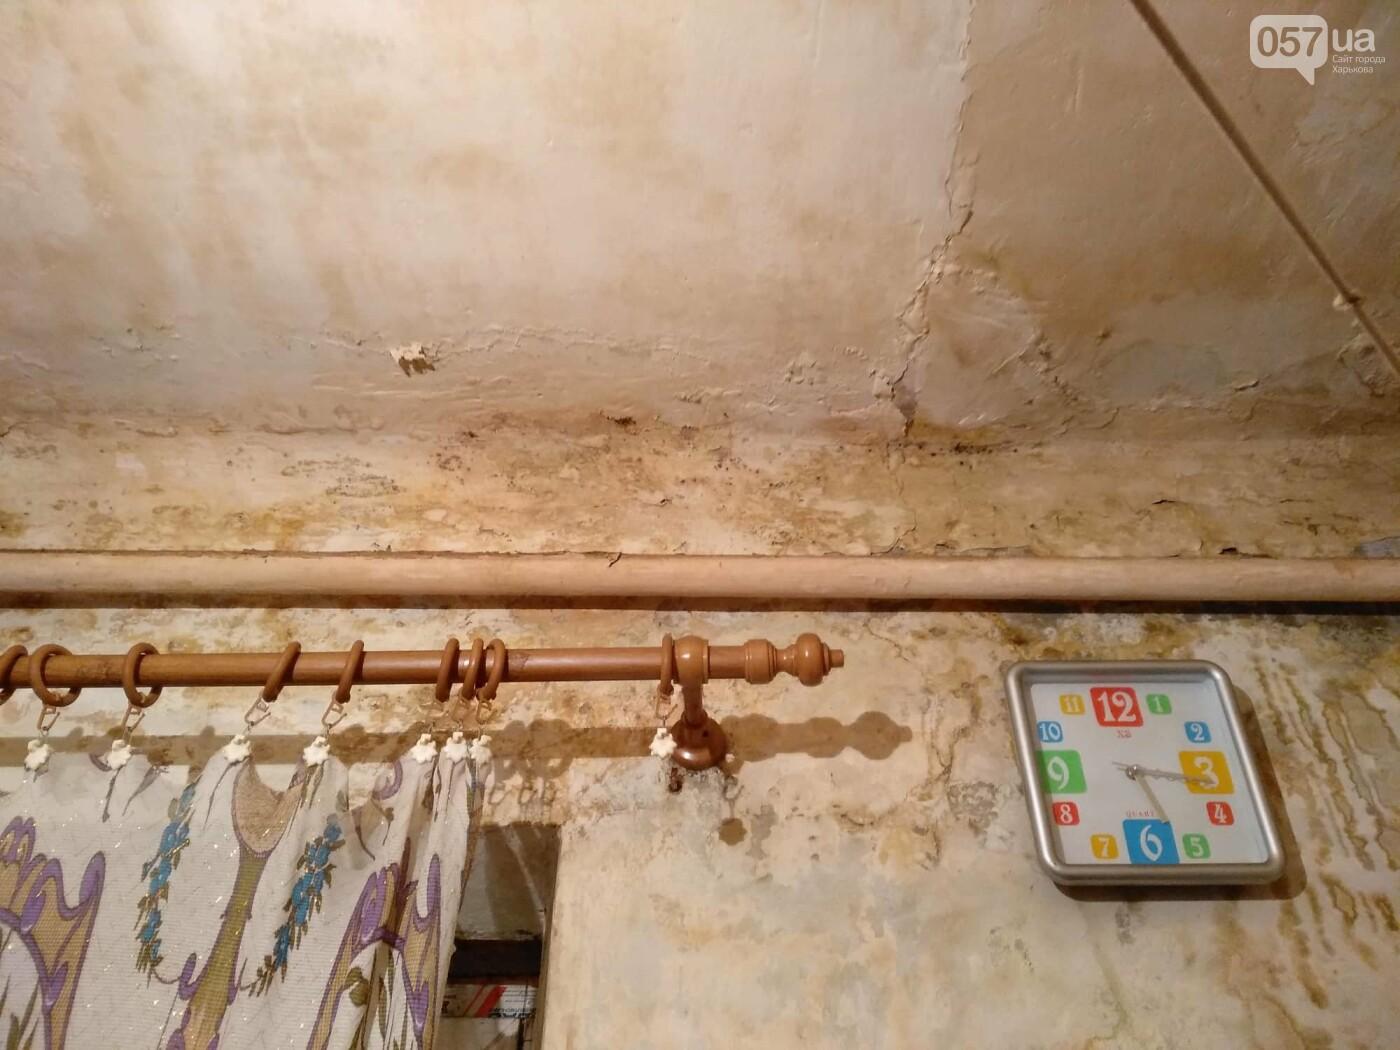 Залитые стены квартир и разваливающаяся стена дома: харьковчане пытаются справиться с коммунальным коллапсом, - ФОТО, фото-12